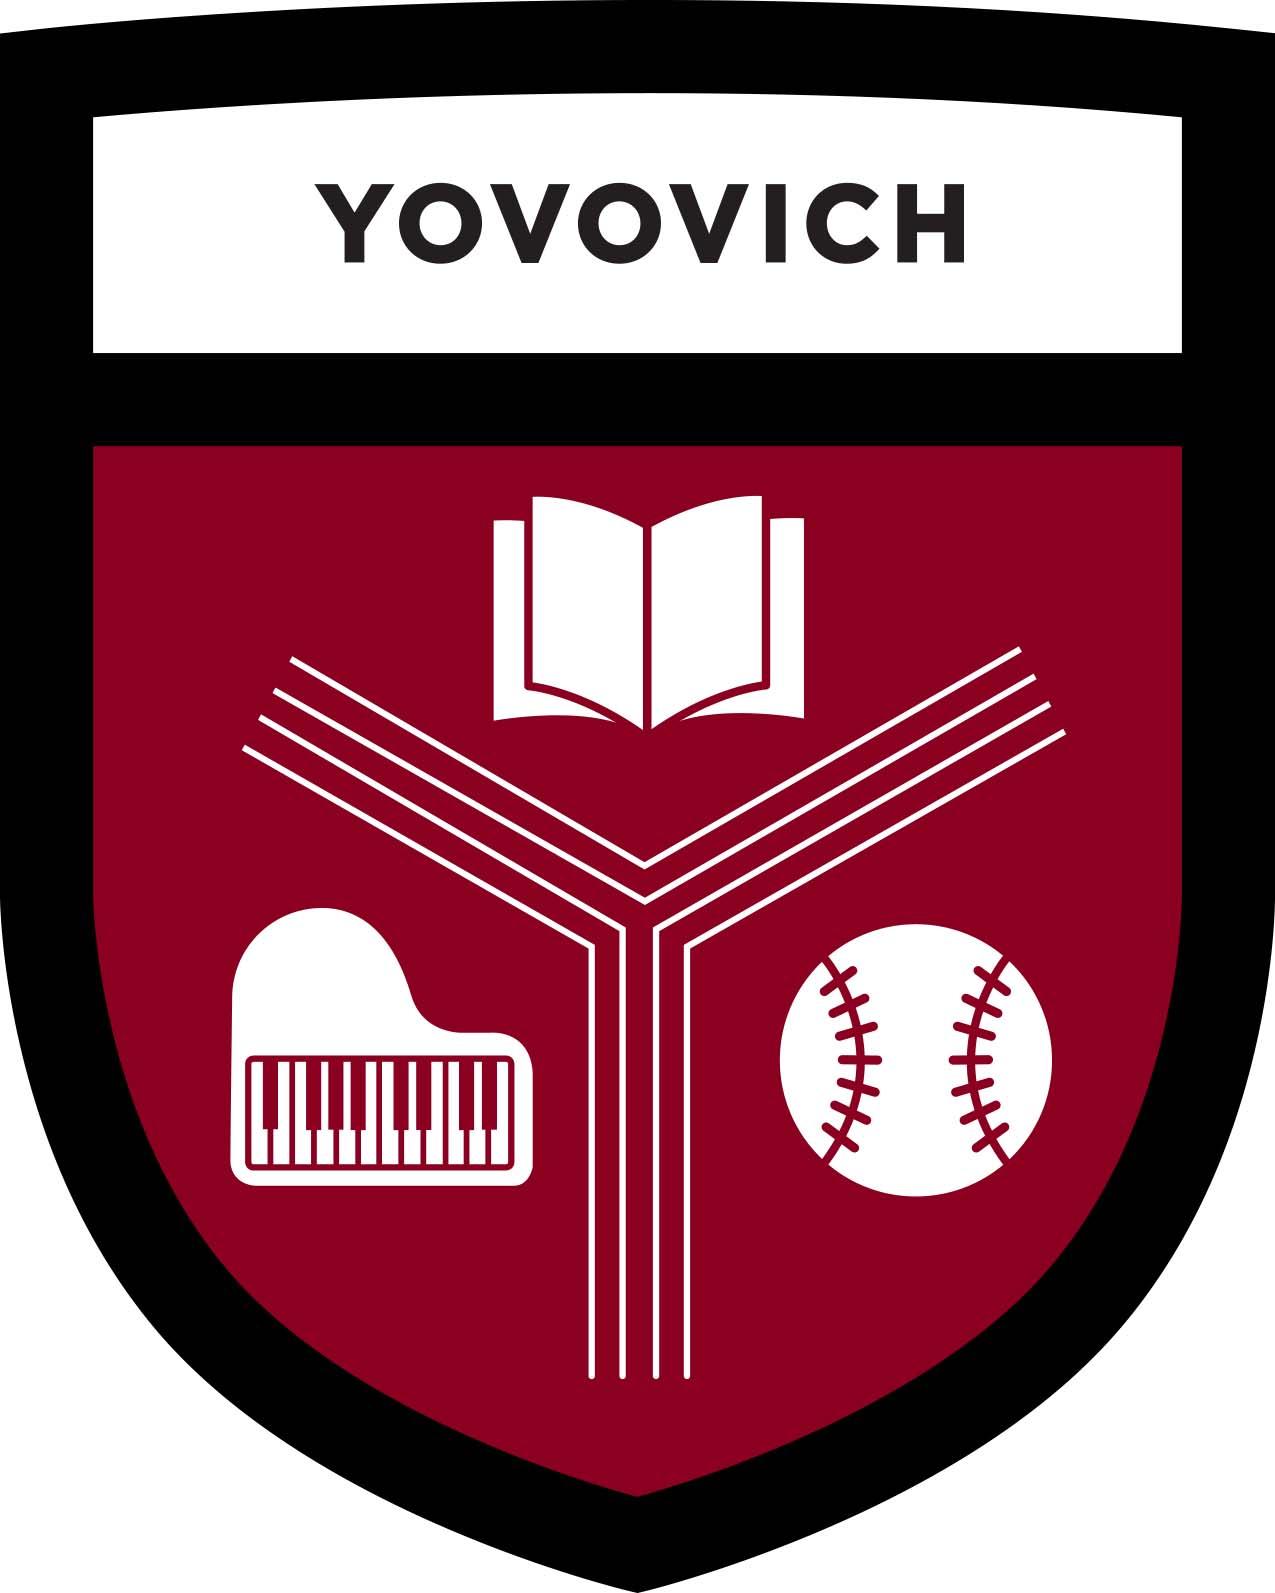 Yovovich Shield